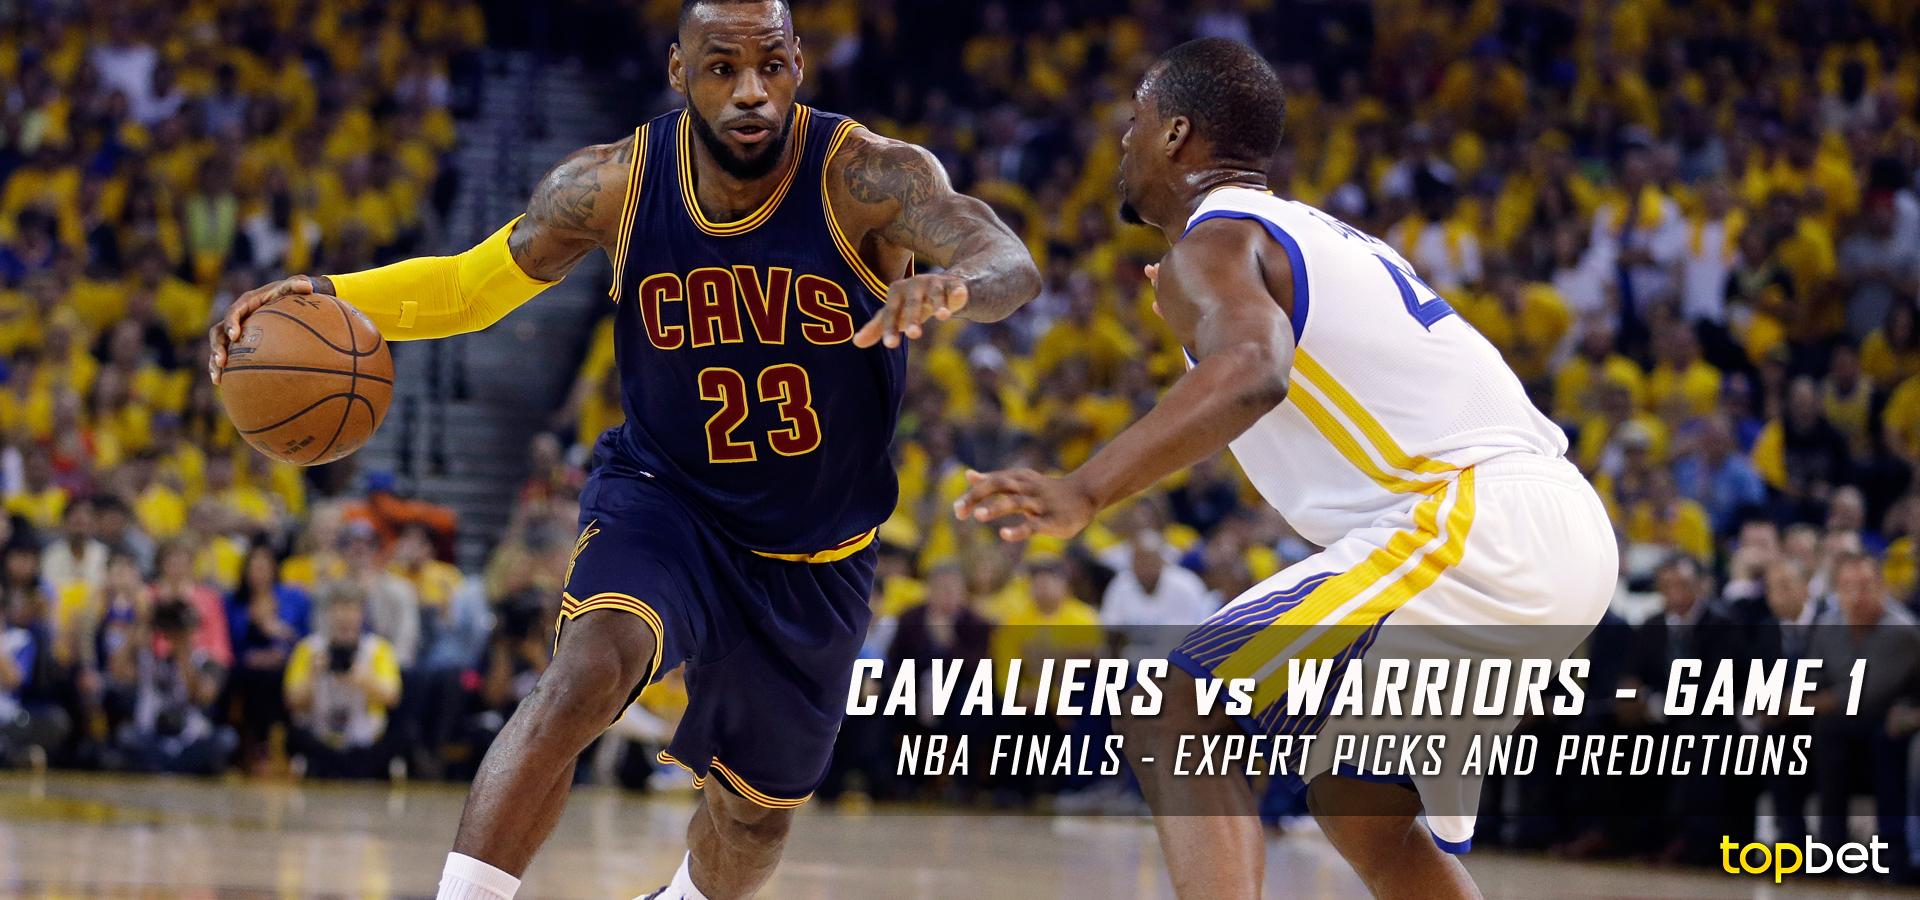 Cavs vs Warriors 2016 NBA Finals Expert Picks and Predictions